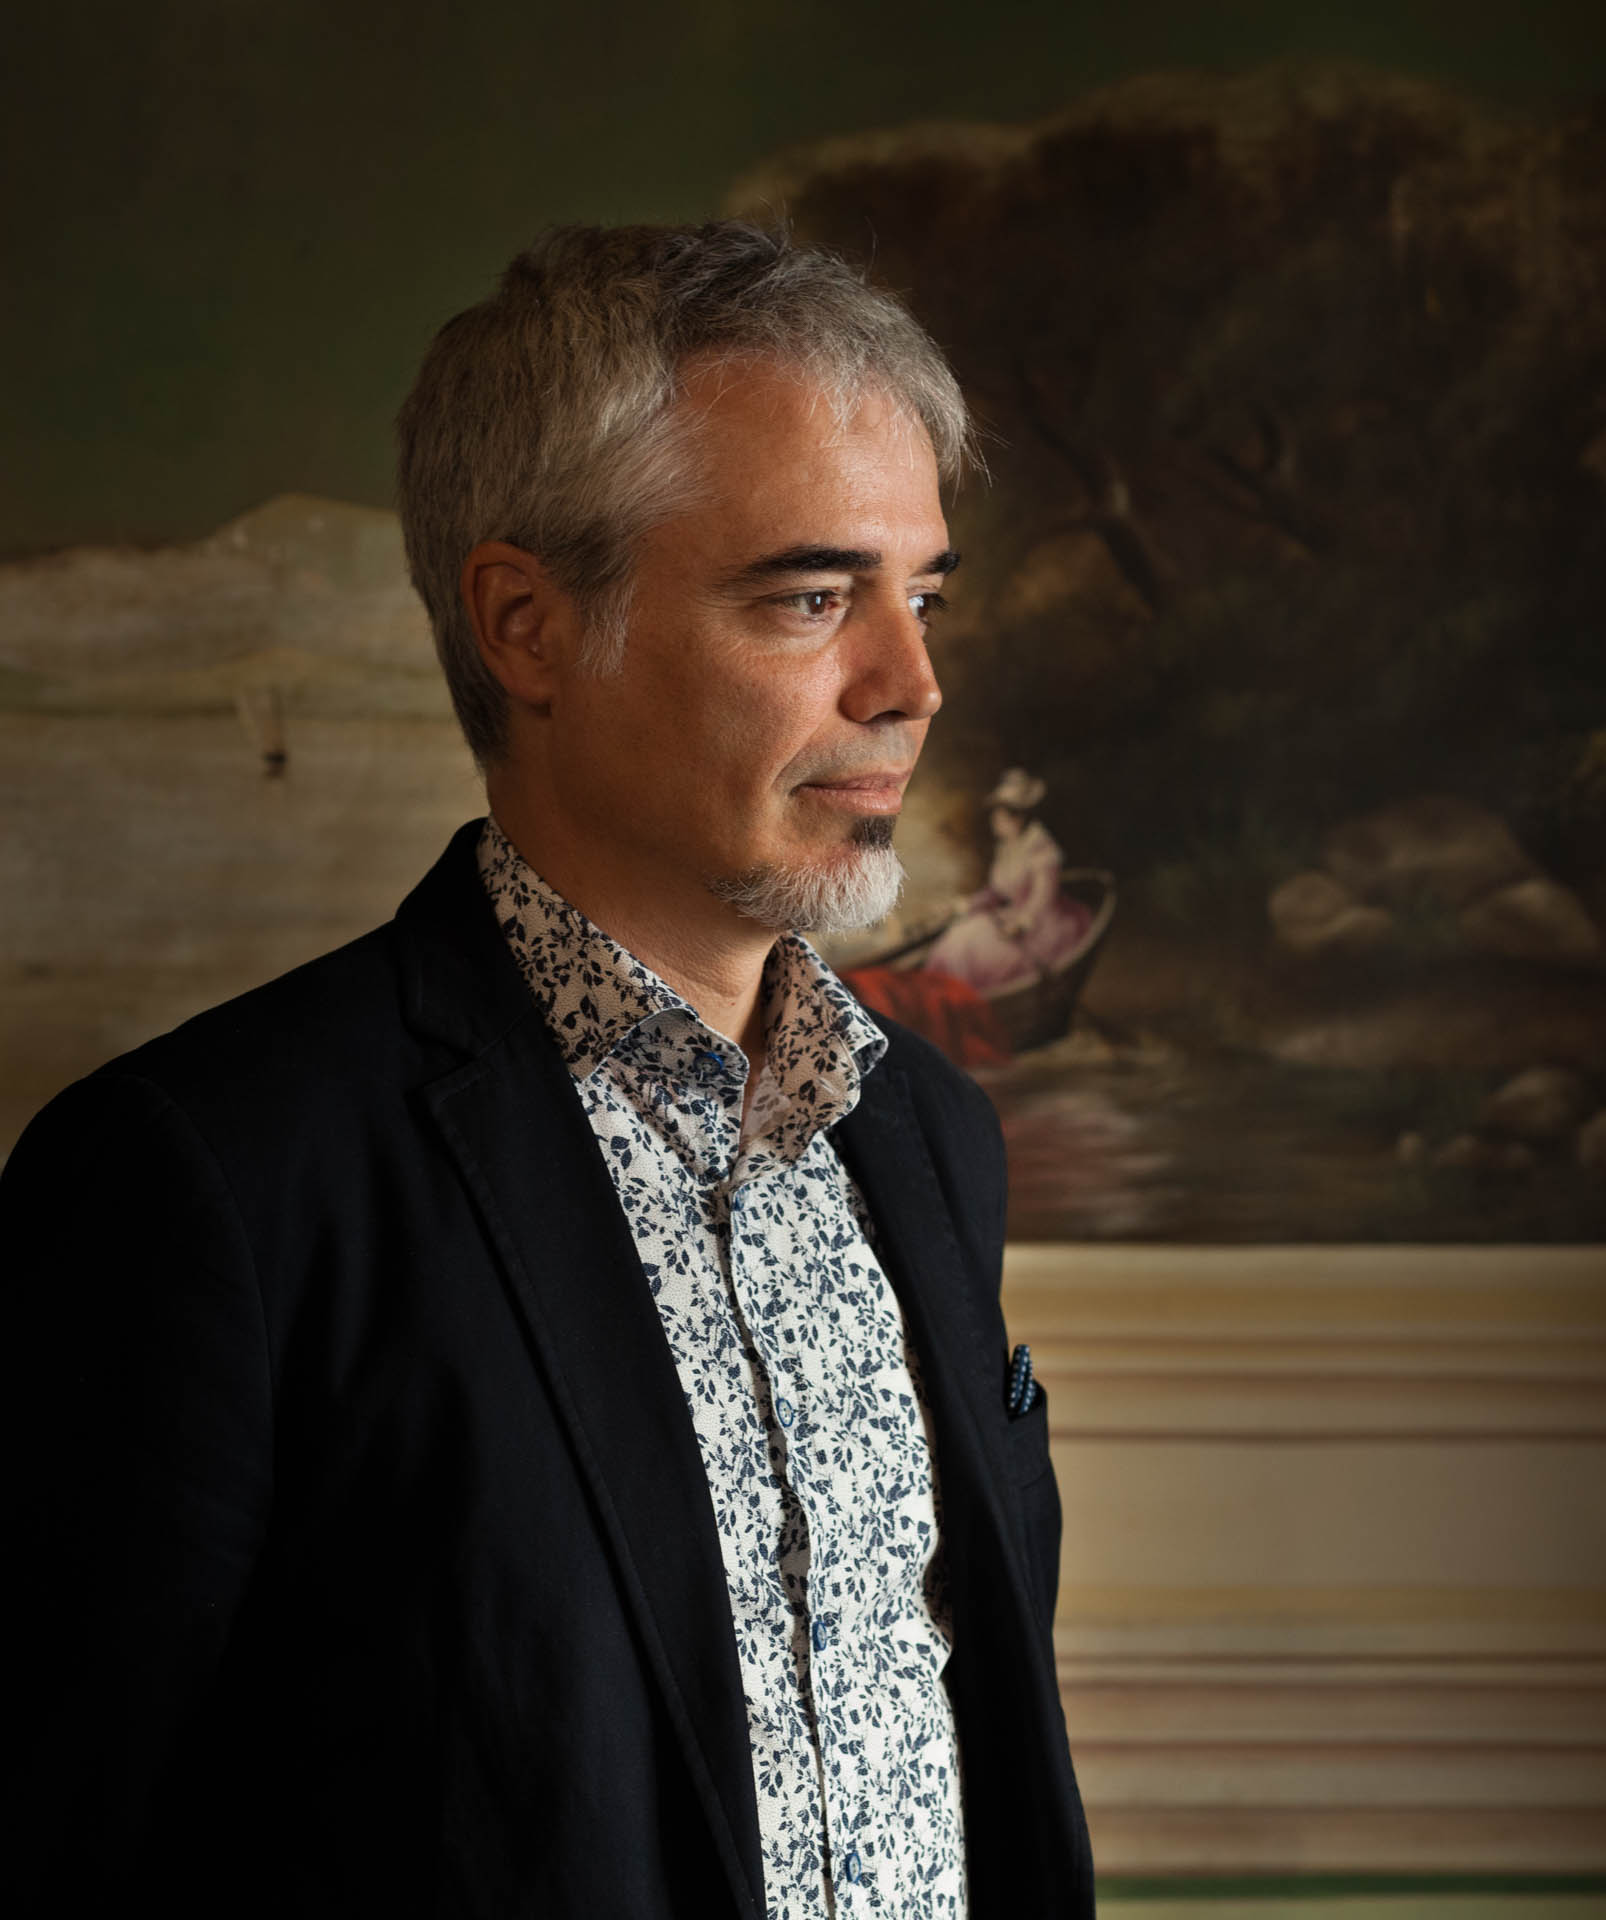 Miguel Bastos Araújo, Prémio Pessoa 2018, para a Up Inflight Magazine